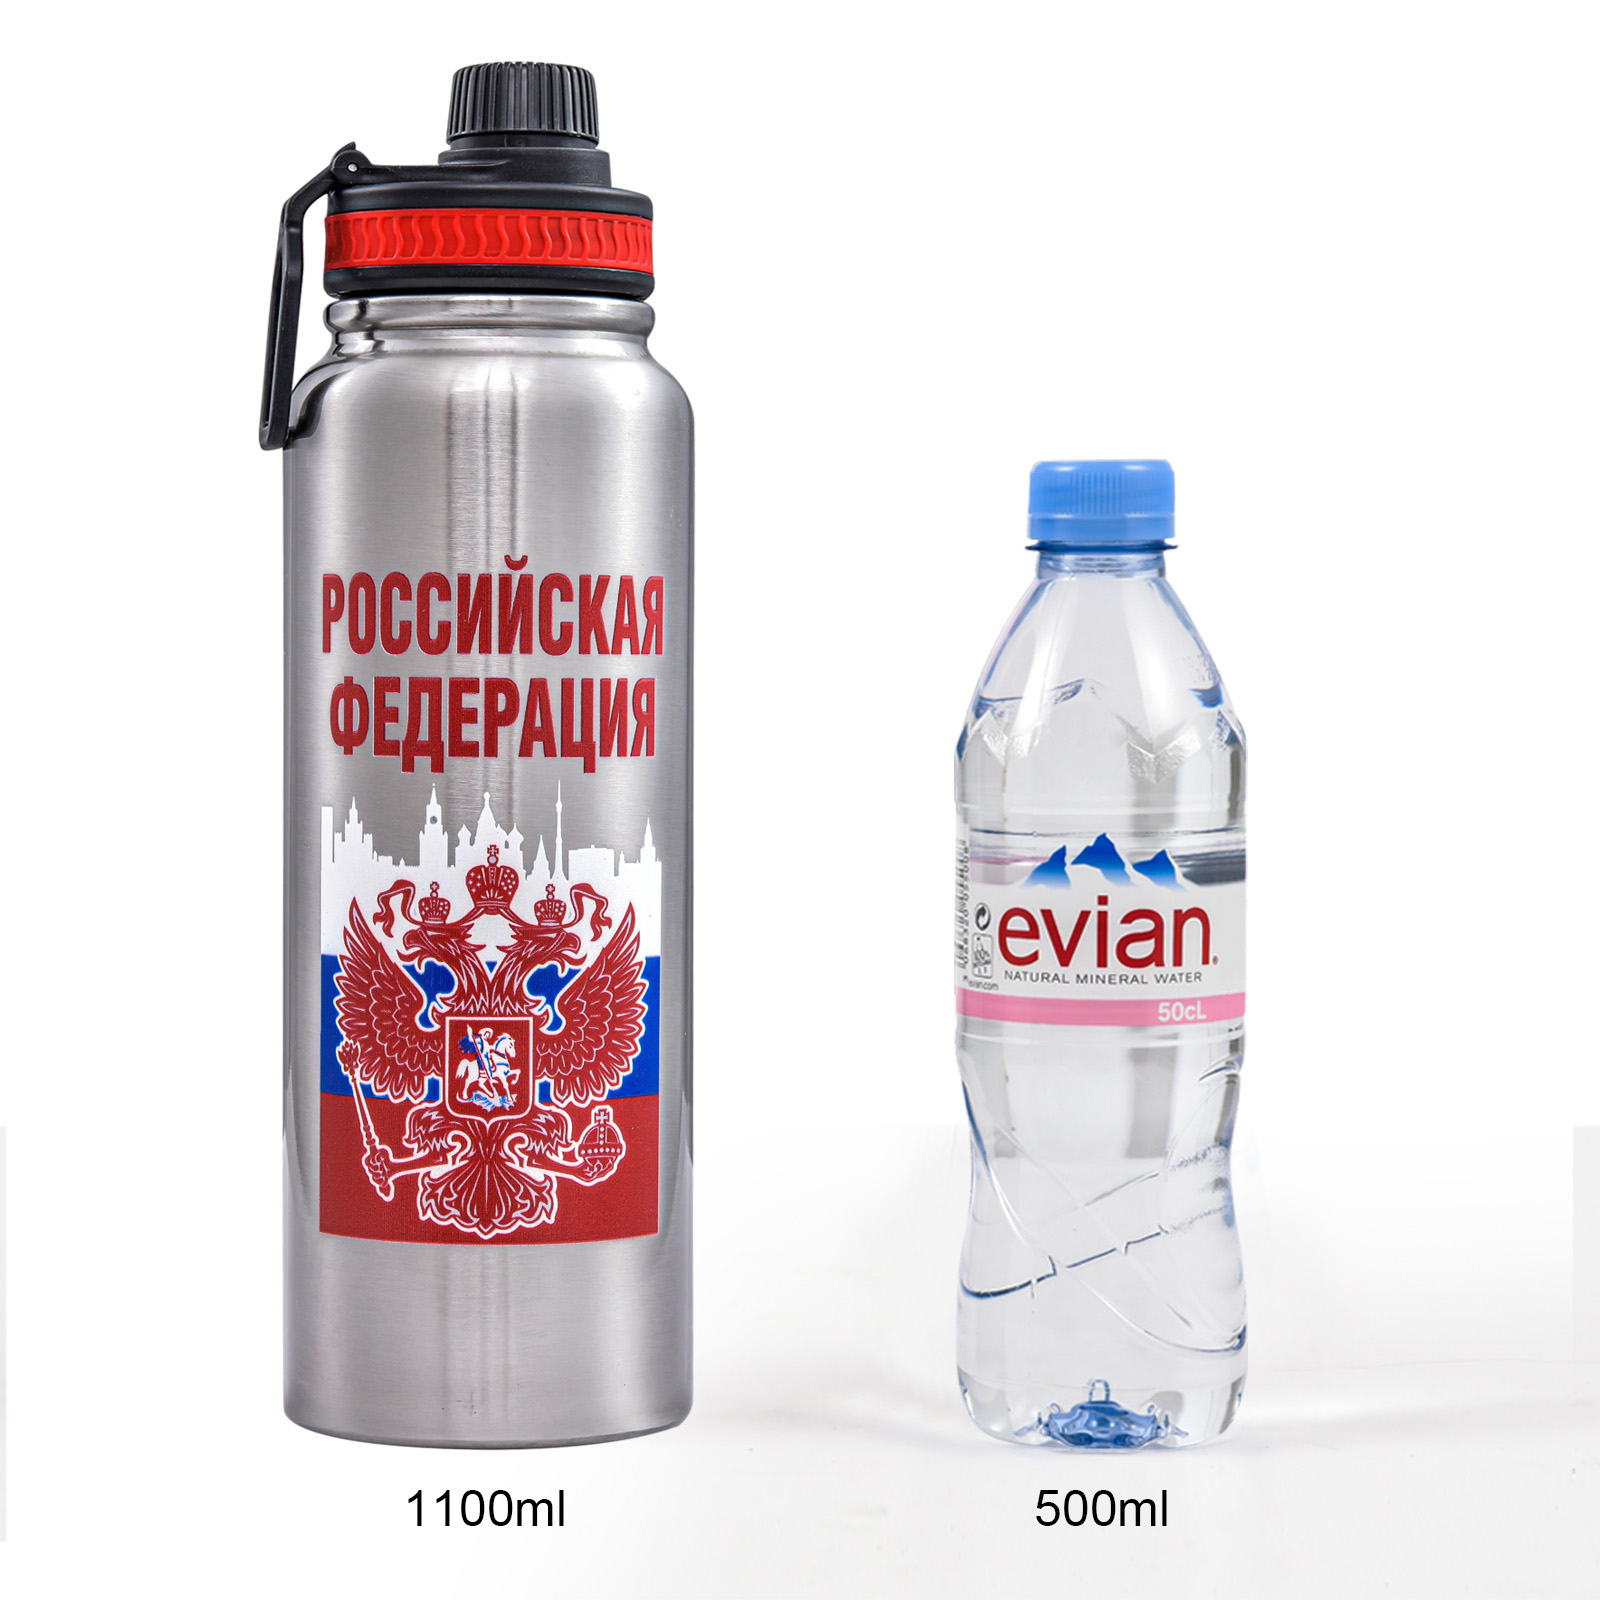 Термос Россия на 1,1 литра - оптимальный объем